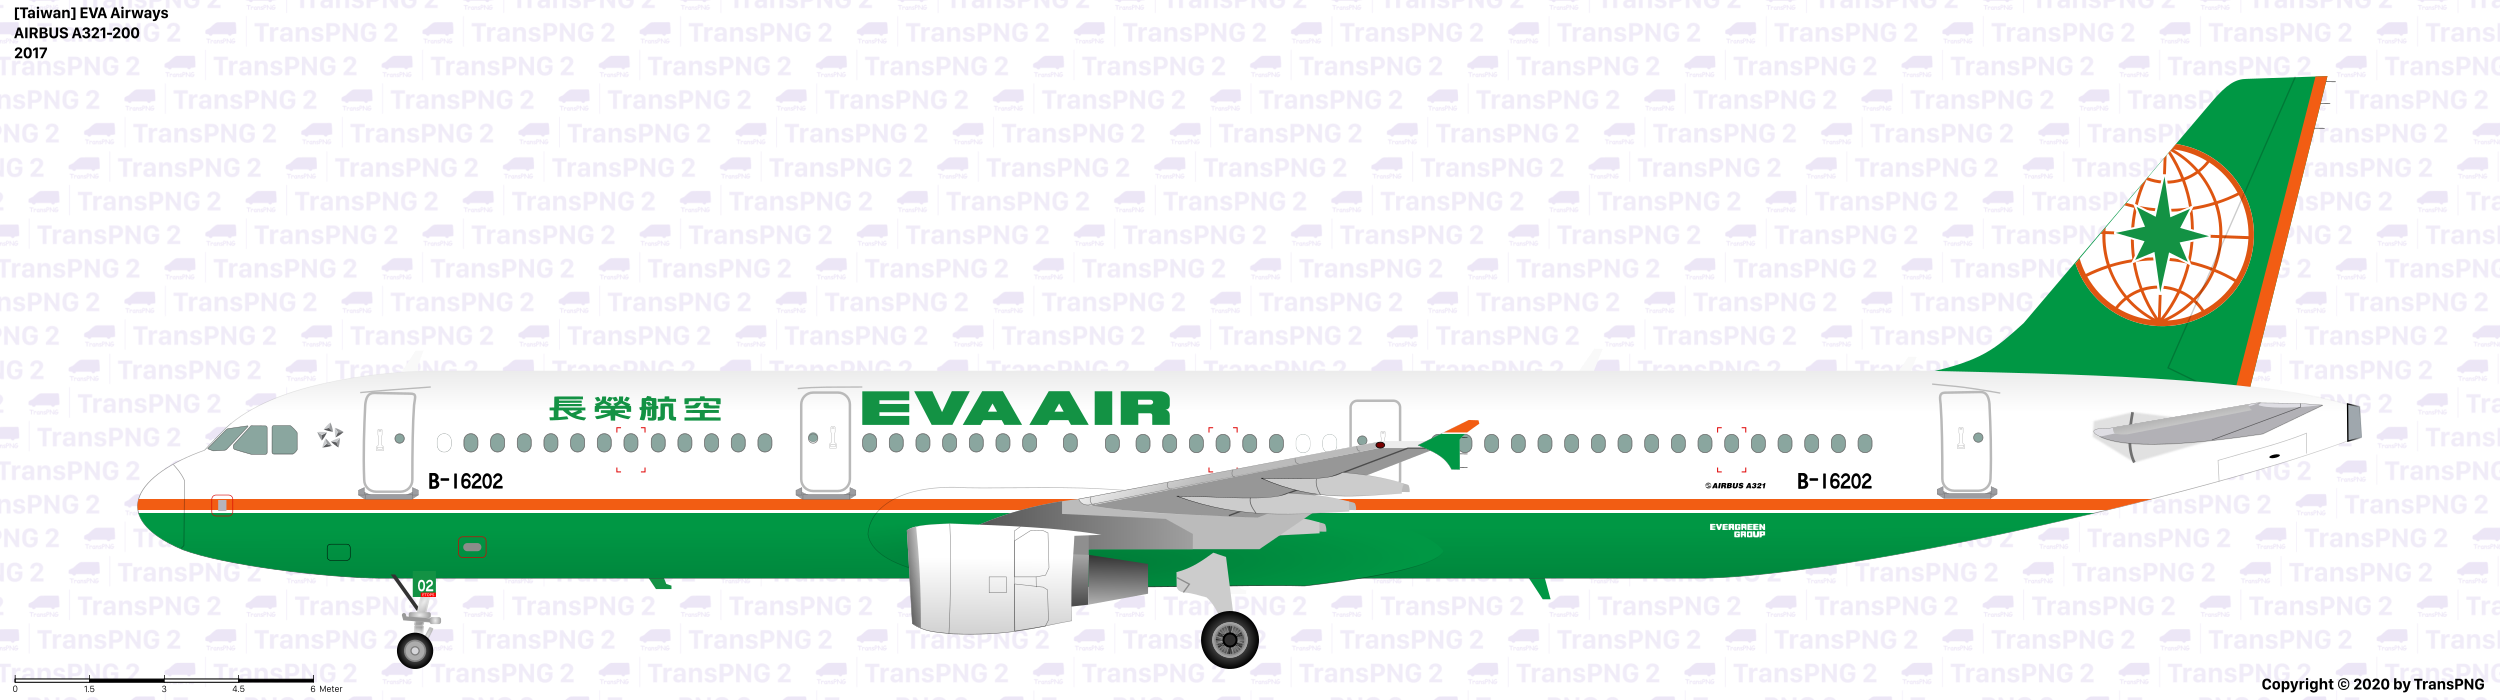 [25071] 長榮航空 25071